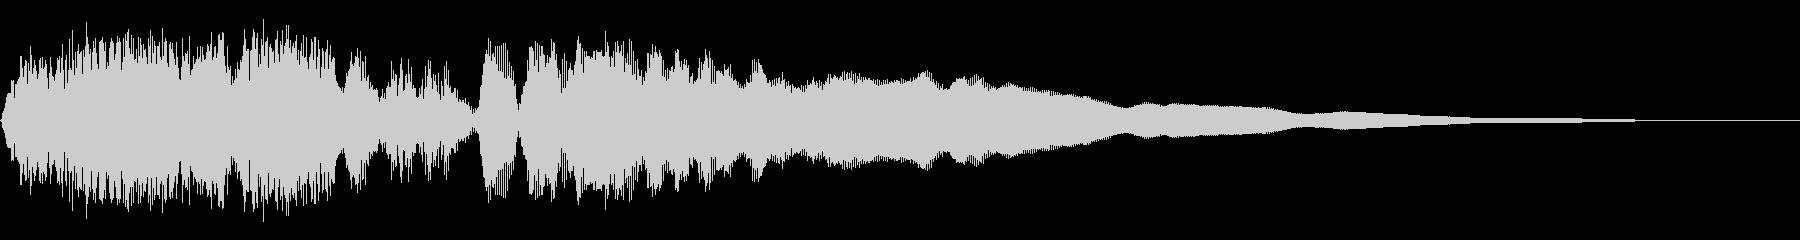 パワーグルグルの未再生の波形